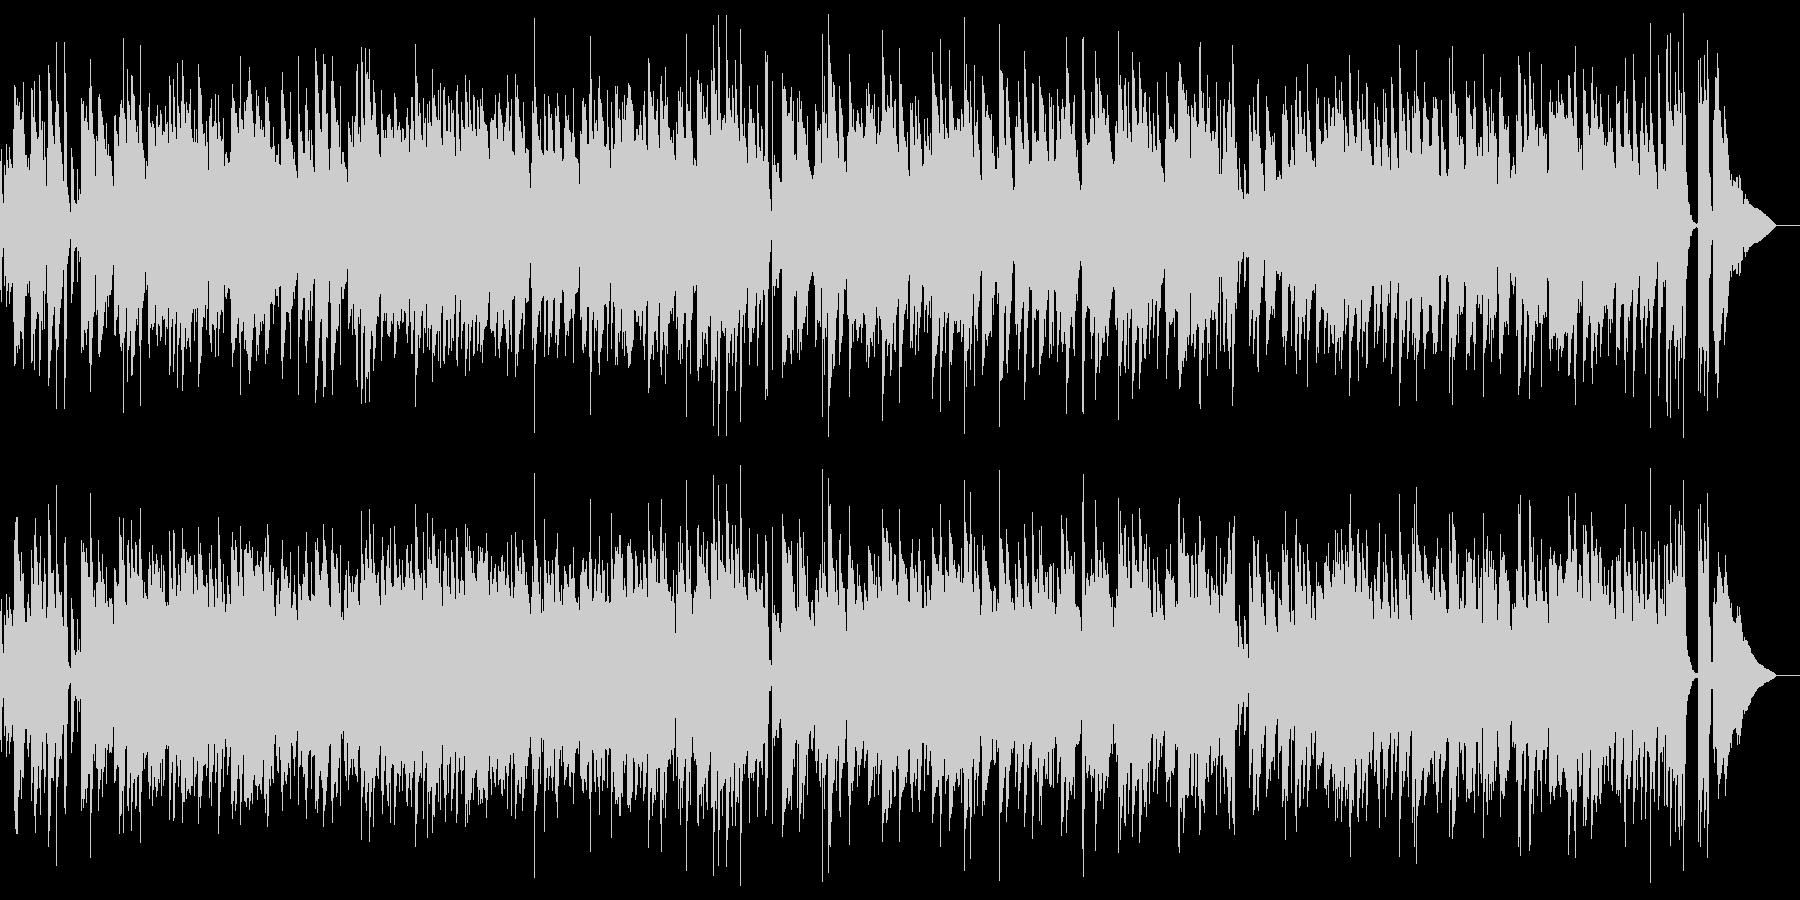 静かな大人のカントリー・ミュージックの未再生の波形